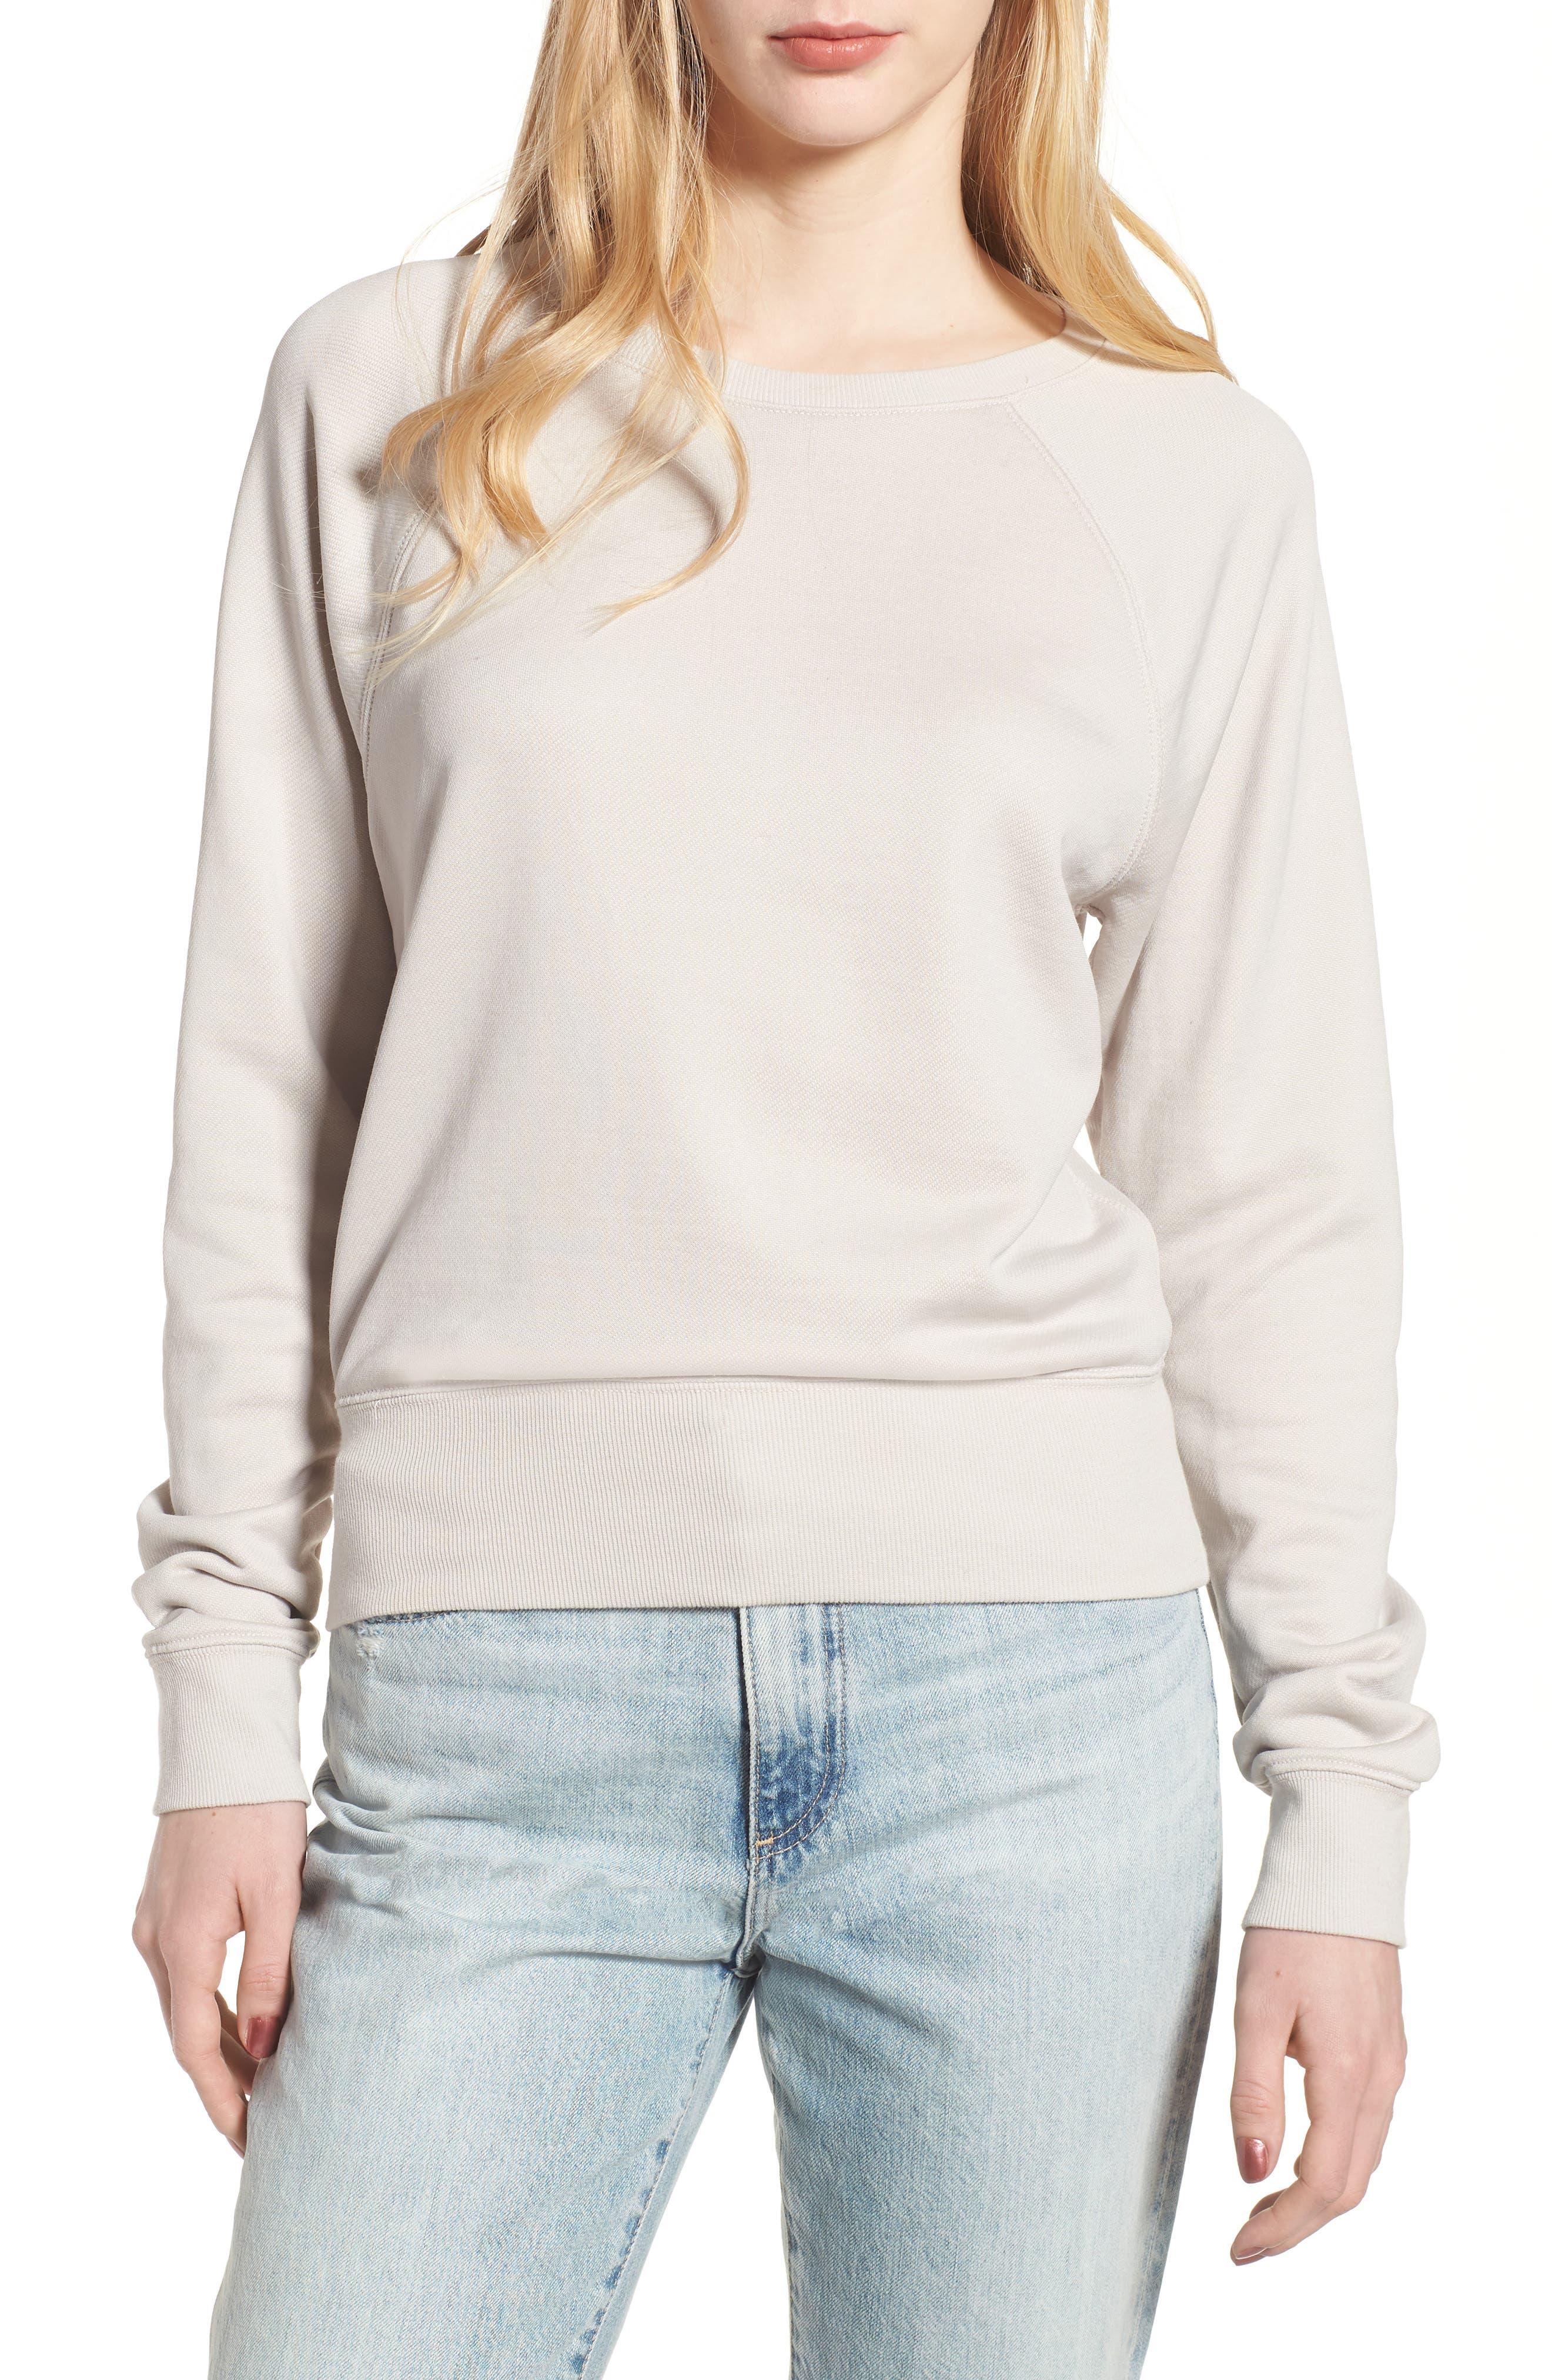 Alternate Image 1 Selected - James Perse Shrunken Fleece Sweatshirt